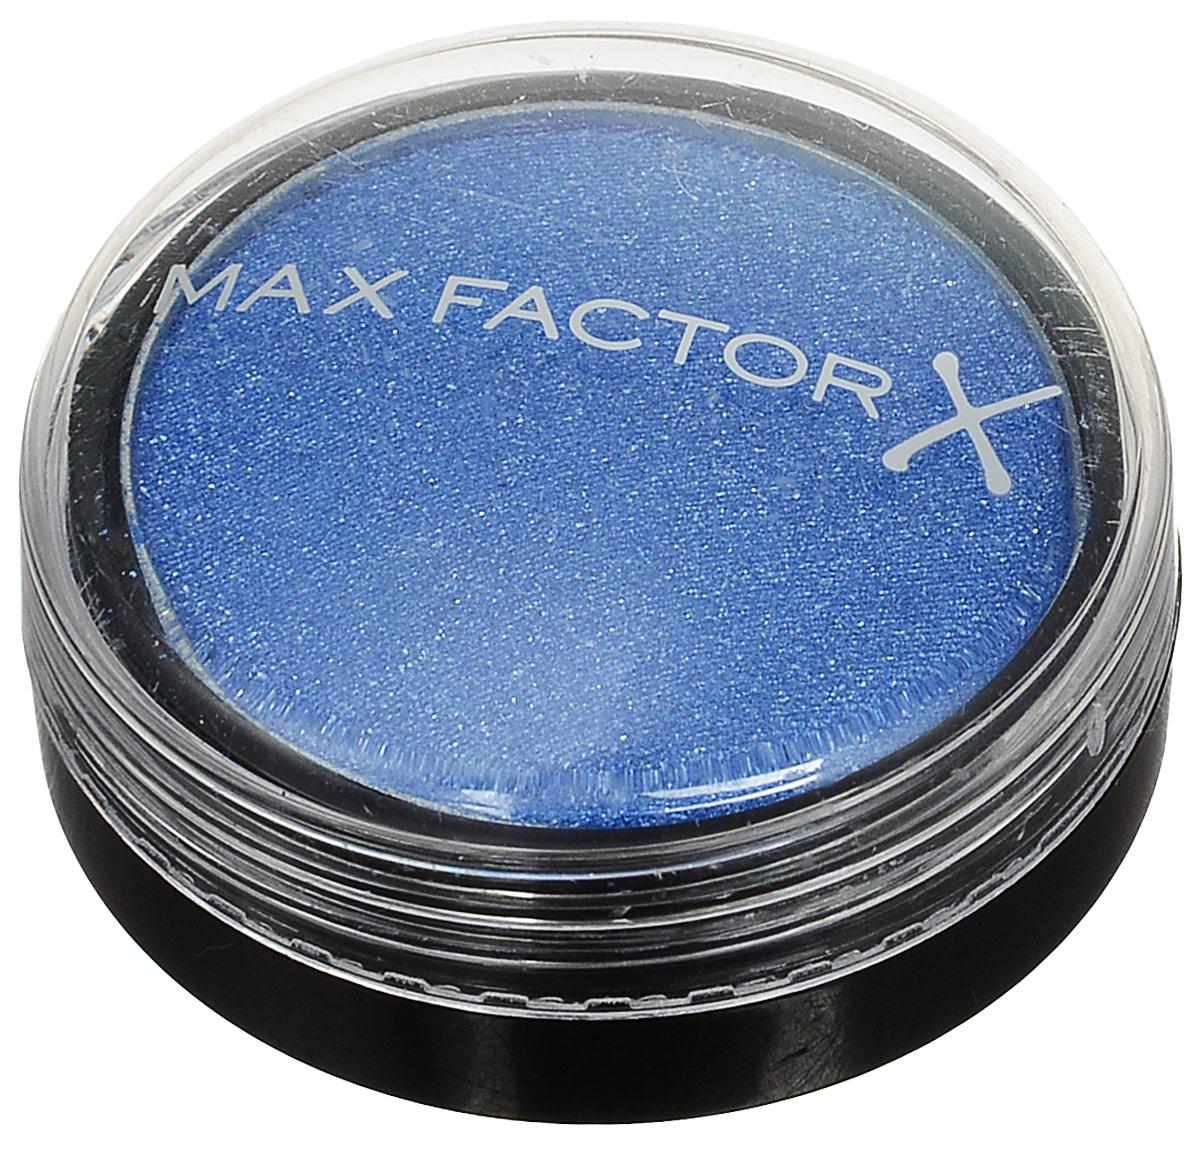 Max Factor Тени Одноцветные Wild Shadow Pots Eyeshadow 45 тон sapphire rage 2 грPMB 0805Приготовься к диким экспериментам с цветом! Эти высокопигментные тени подарят тебе по-настоящему ошеломительный взгляд. - Высокопигментный цвет •16 ошеломительных насыщенных оттенков •Наноси влажной кисточкой для более интенсивного цвета •Легко растушевываются и смешиваются. Бесконечный простор для экспериментов!Протестировано офтальмологами и дерматологами. Подходит для чувствительных глаз и тех, кто носит контактные линзы.1. Нанеси немного теней на кисть руки специальной кисточкой перед тем как начать. 2. Всегда наноси тени понемногу и растушевывай очень тщательно. 3. Наноси светлый оттенок от ресниц до бровей, средний - на сгиб и внешний уголок глаза. 4. Для более интенсивного цвета немного улажни кисточку.